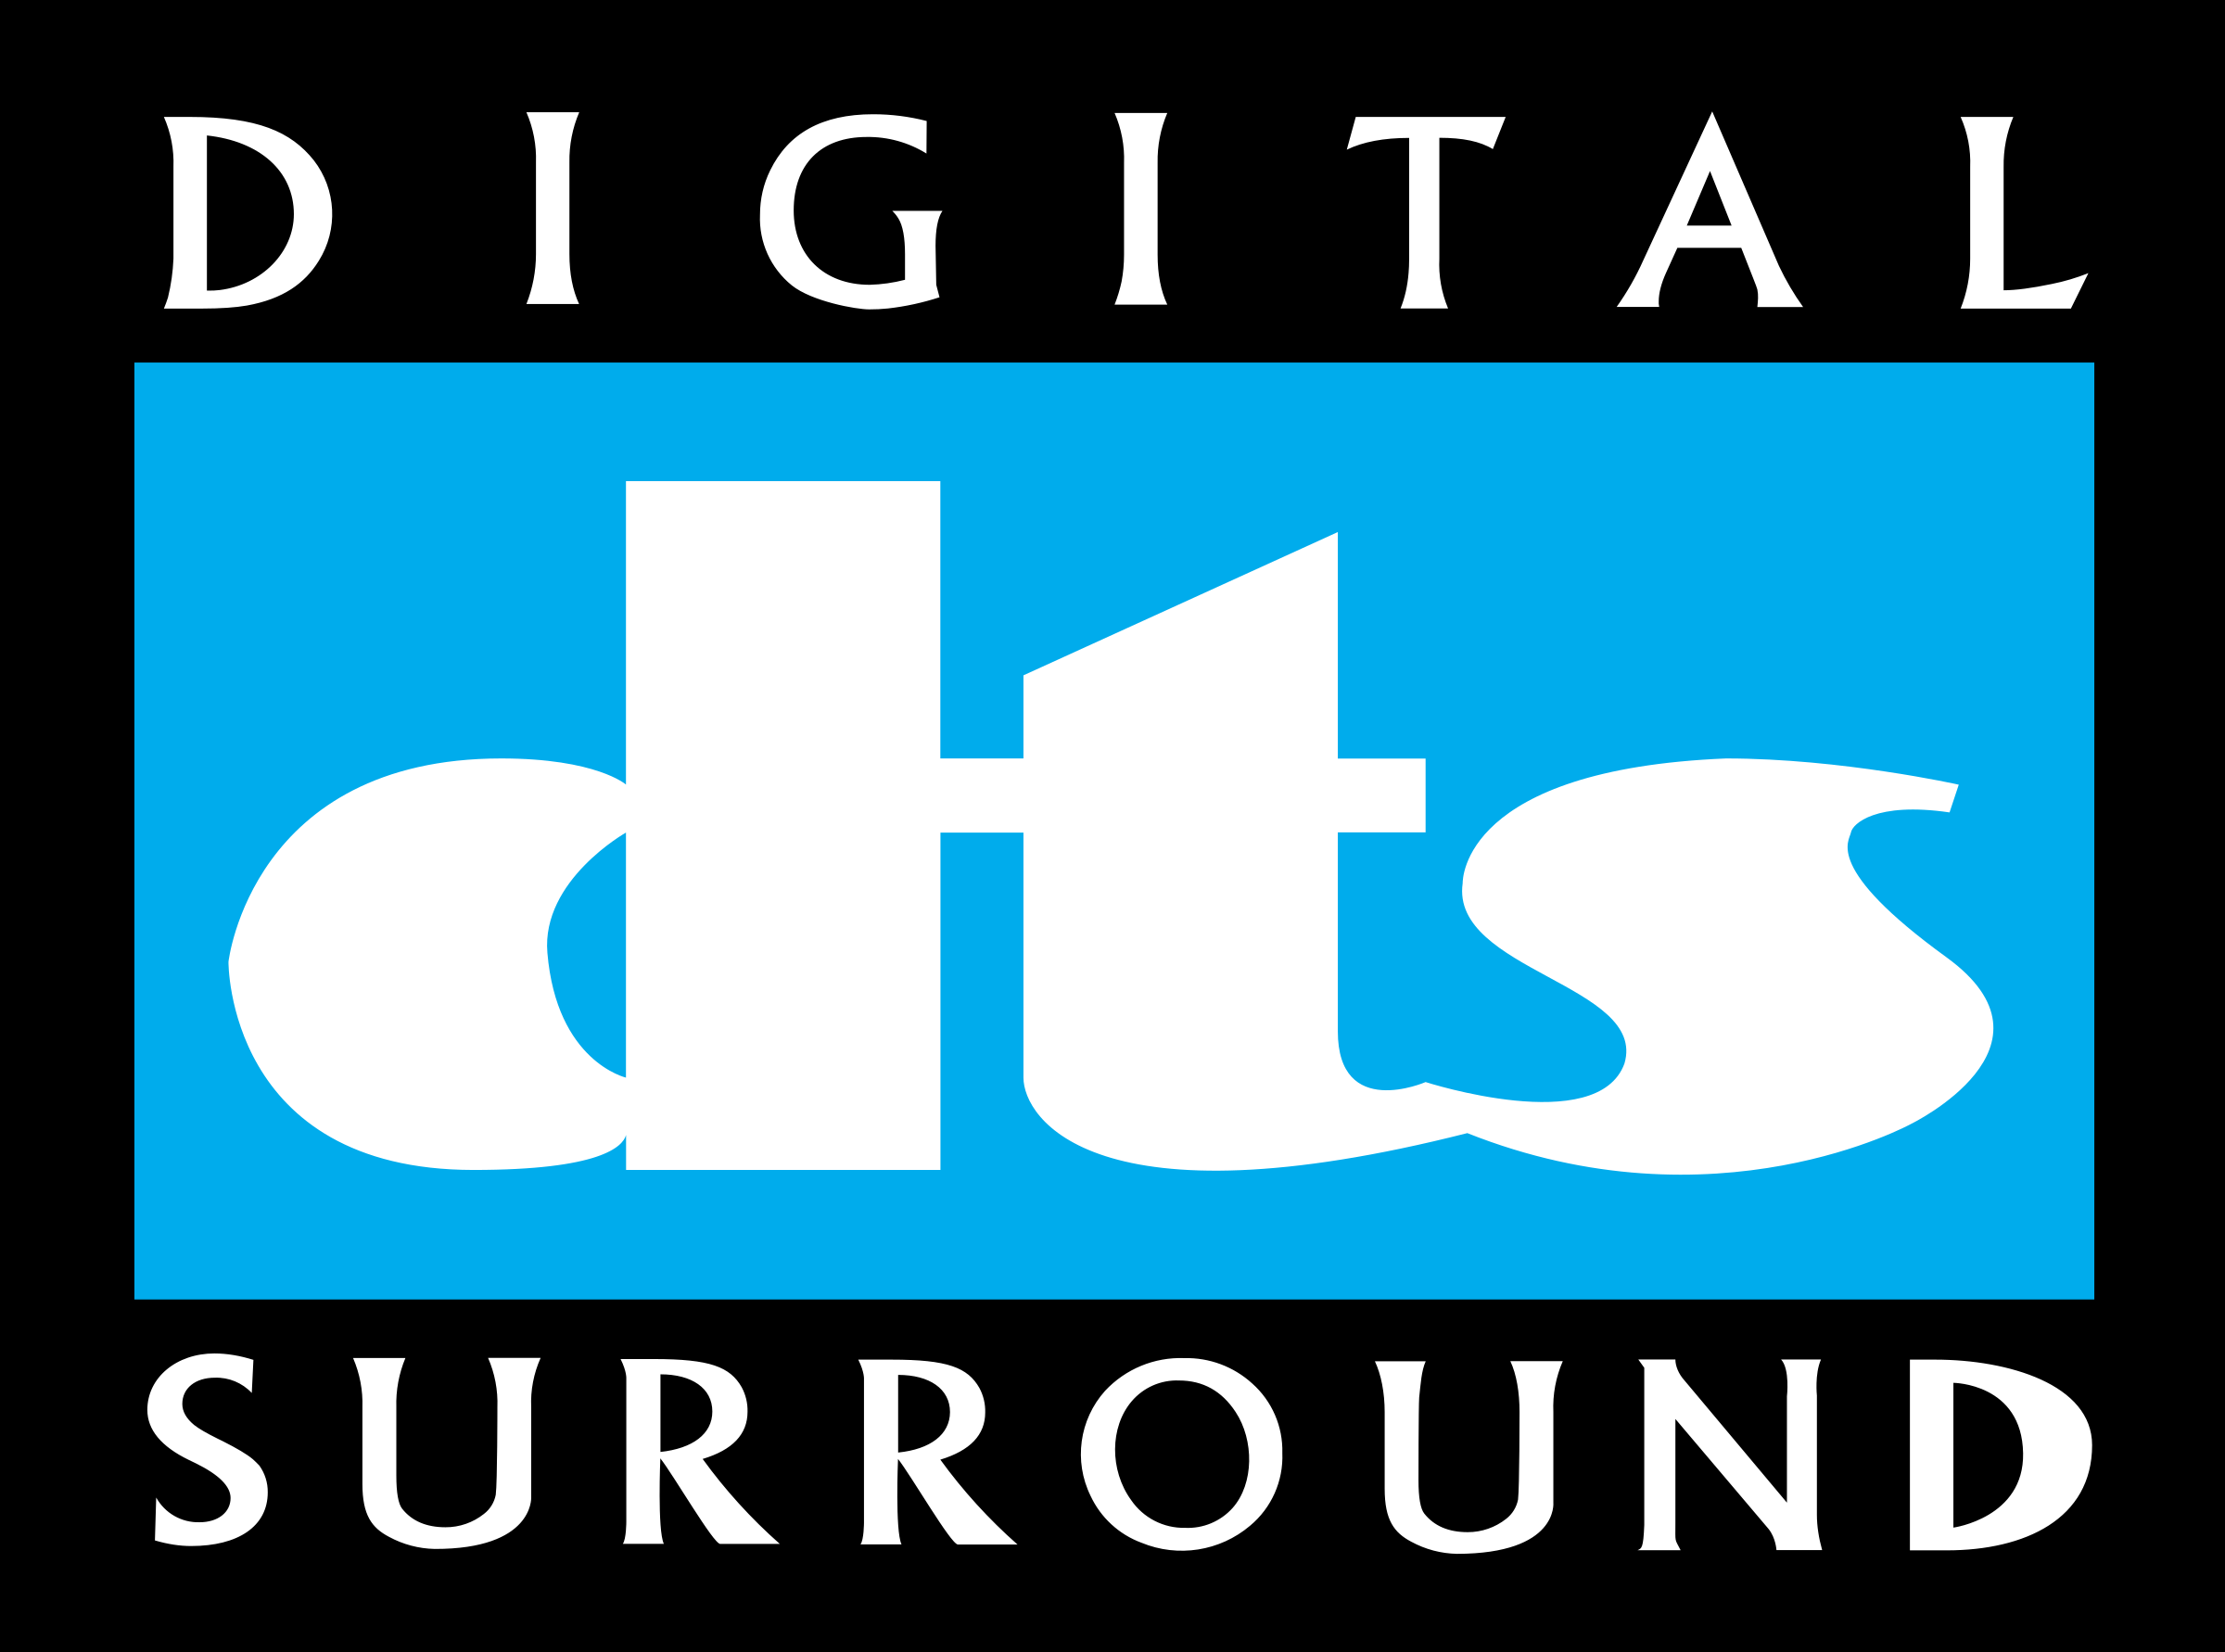 DTS DIGITAL SURR 1 Logo PNG Transparent & SVG Vector.